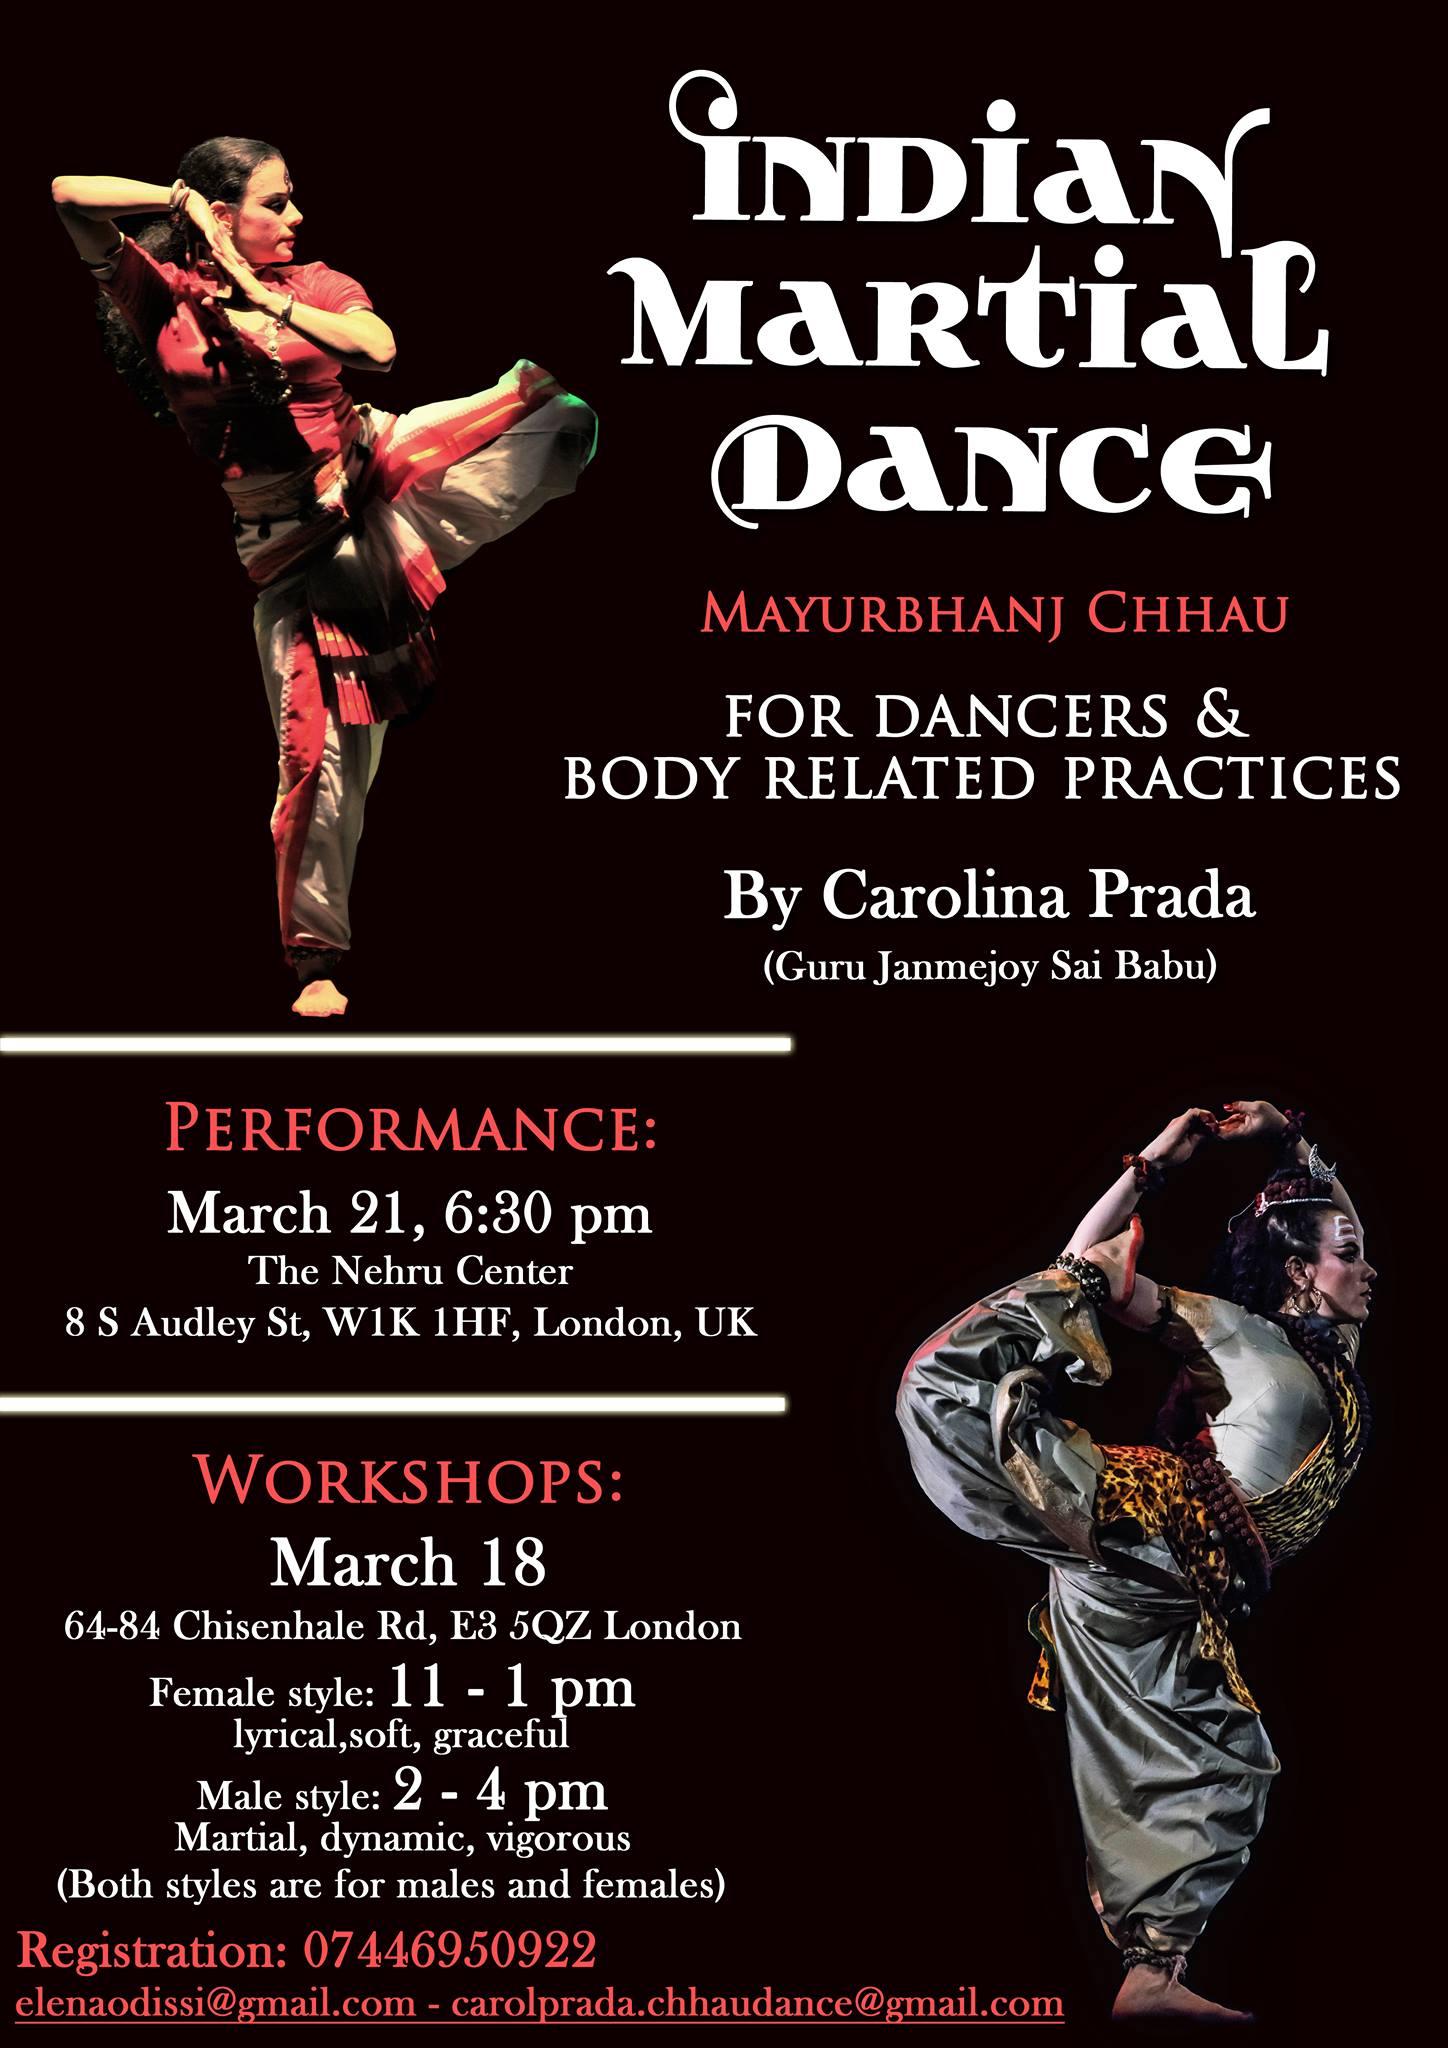 elena odissi - Indian Martial Dance Workshop